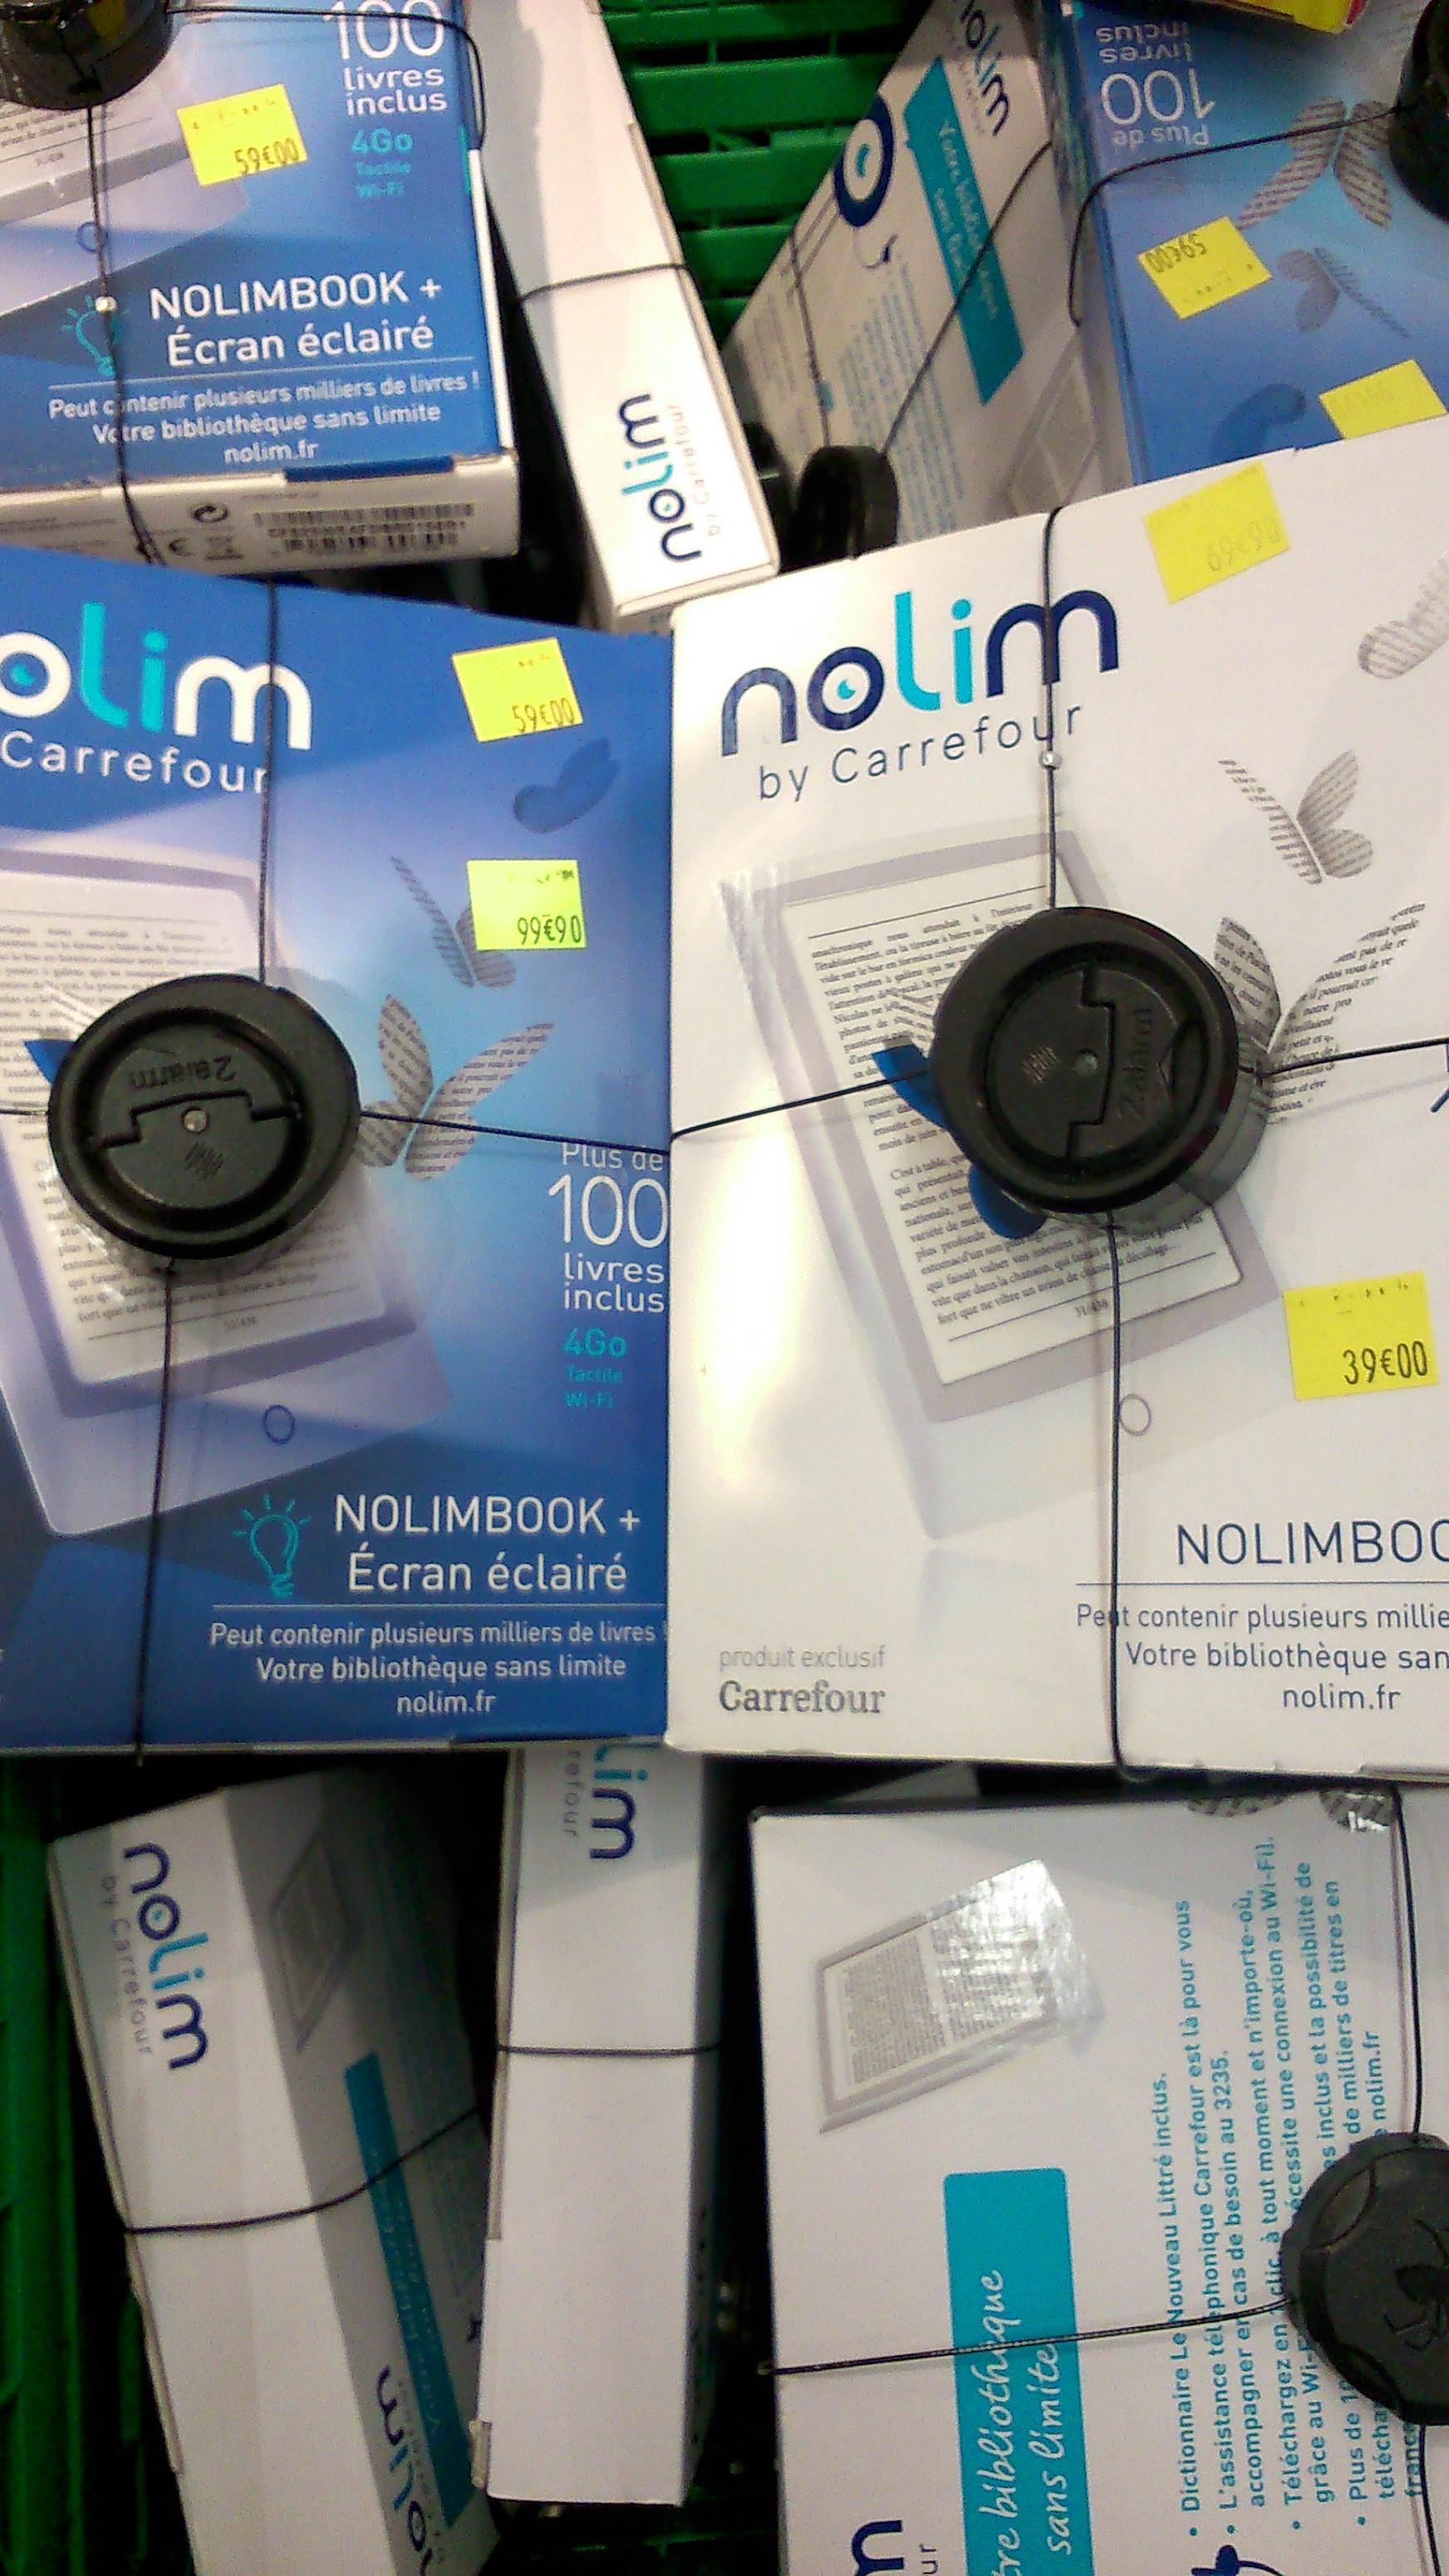 Liseuses Nolimbook + à 59€ et Nolimbook